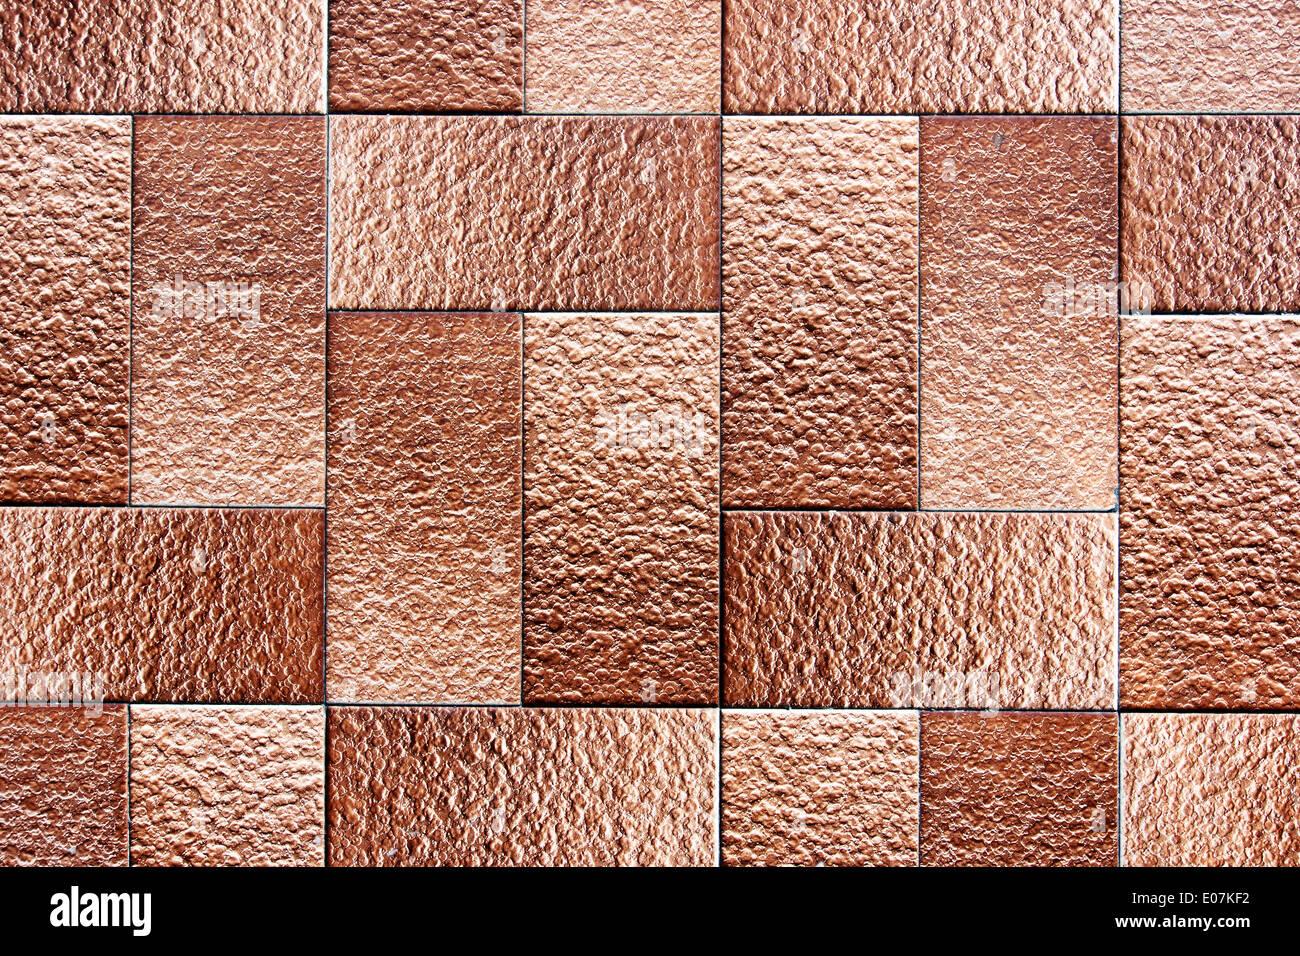 Textured tiles stock photos & textured tiles stock images alamy